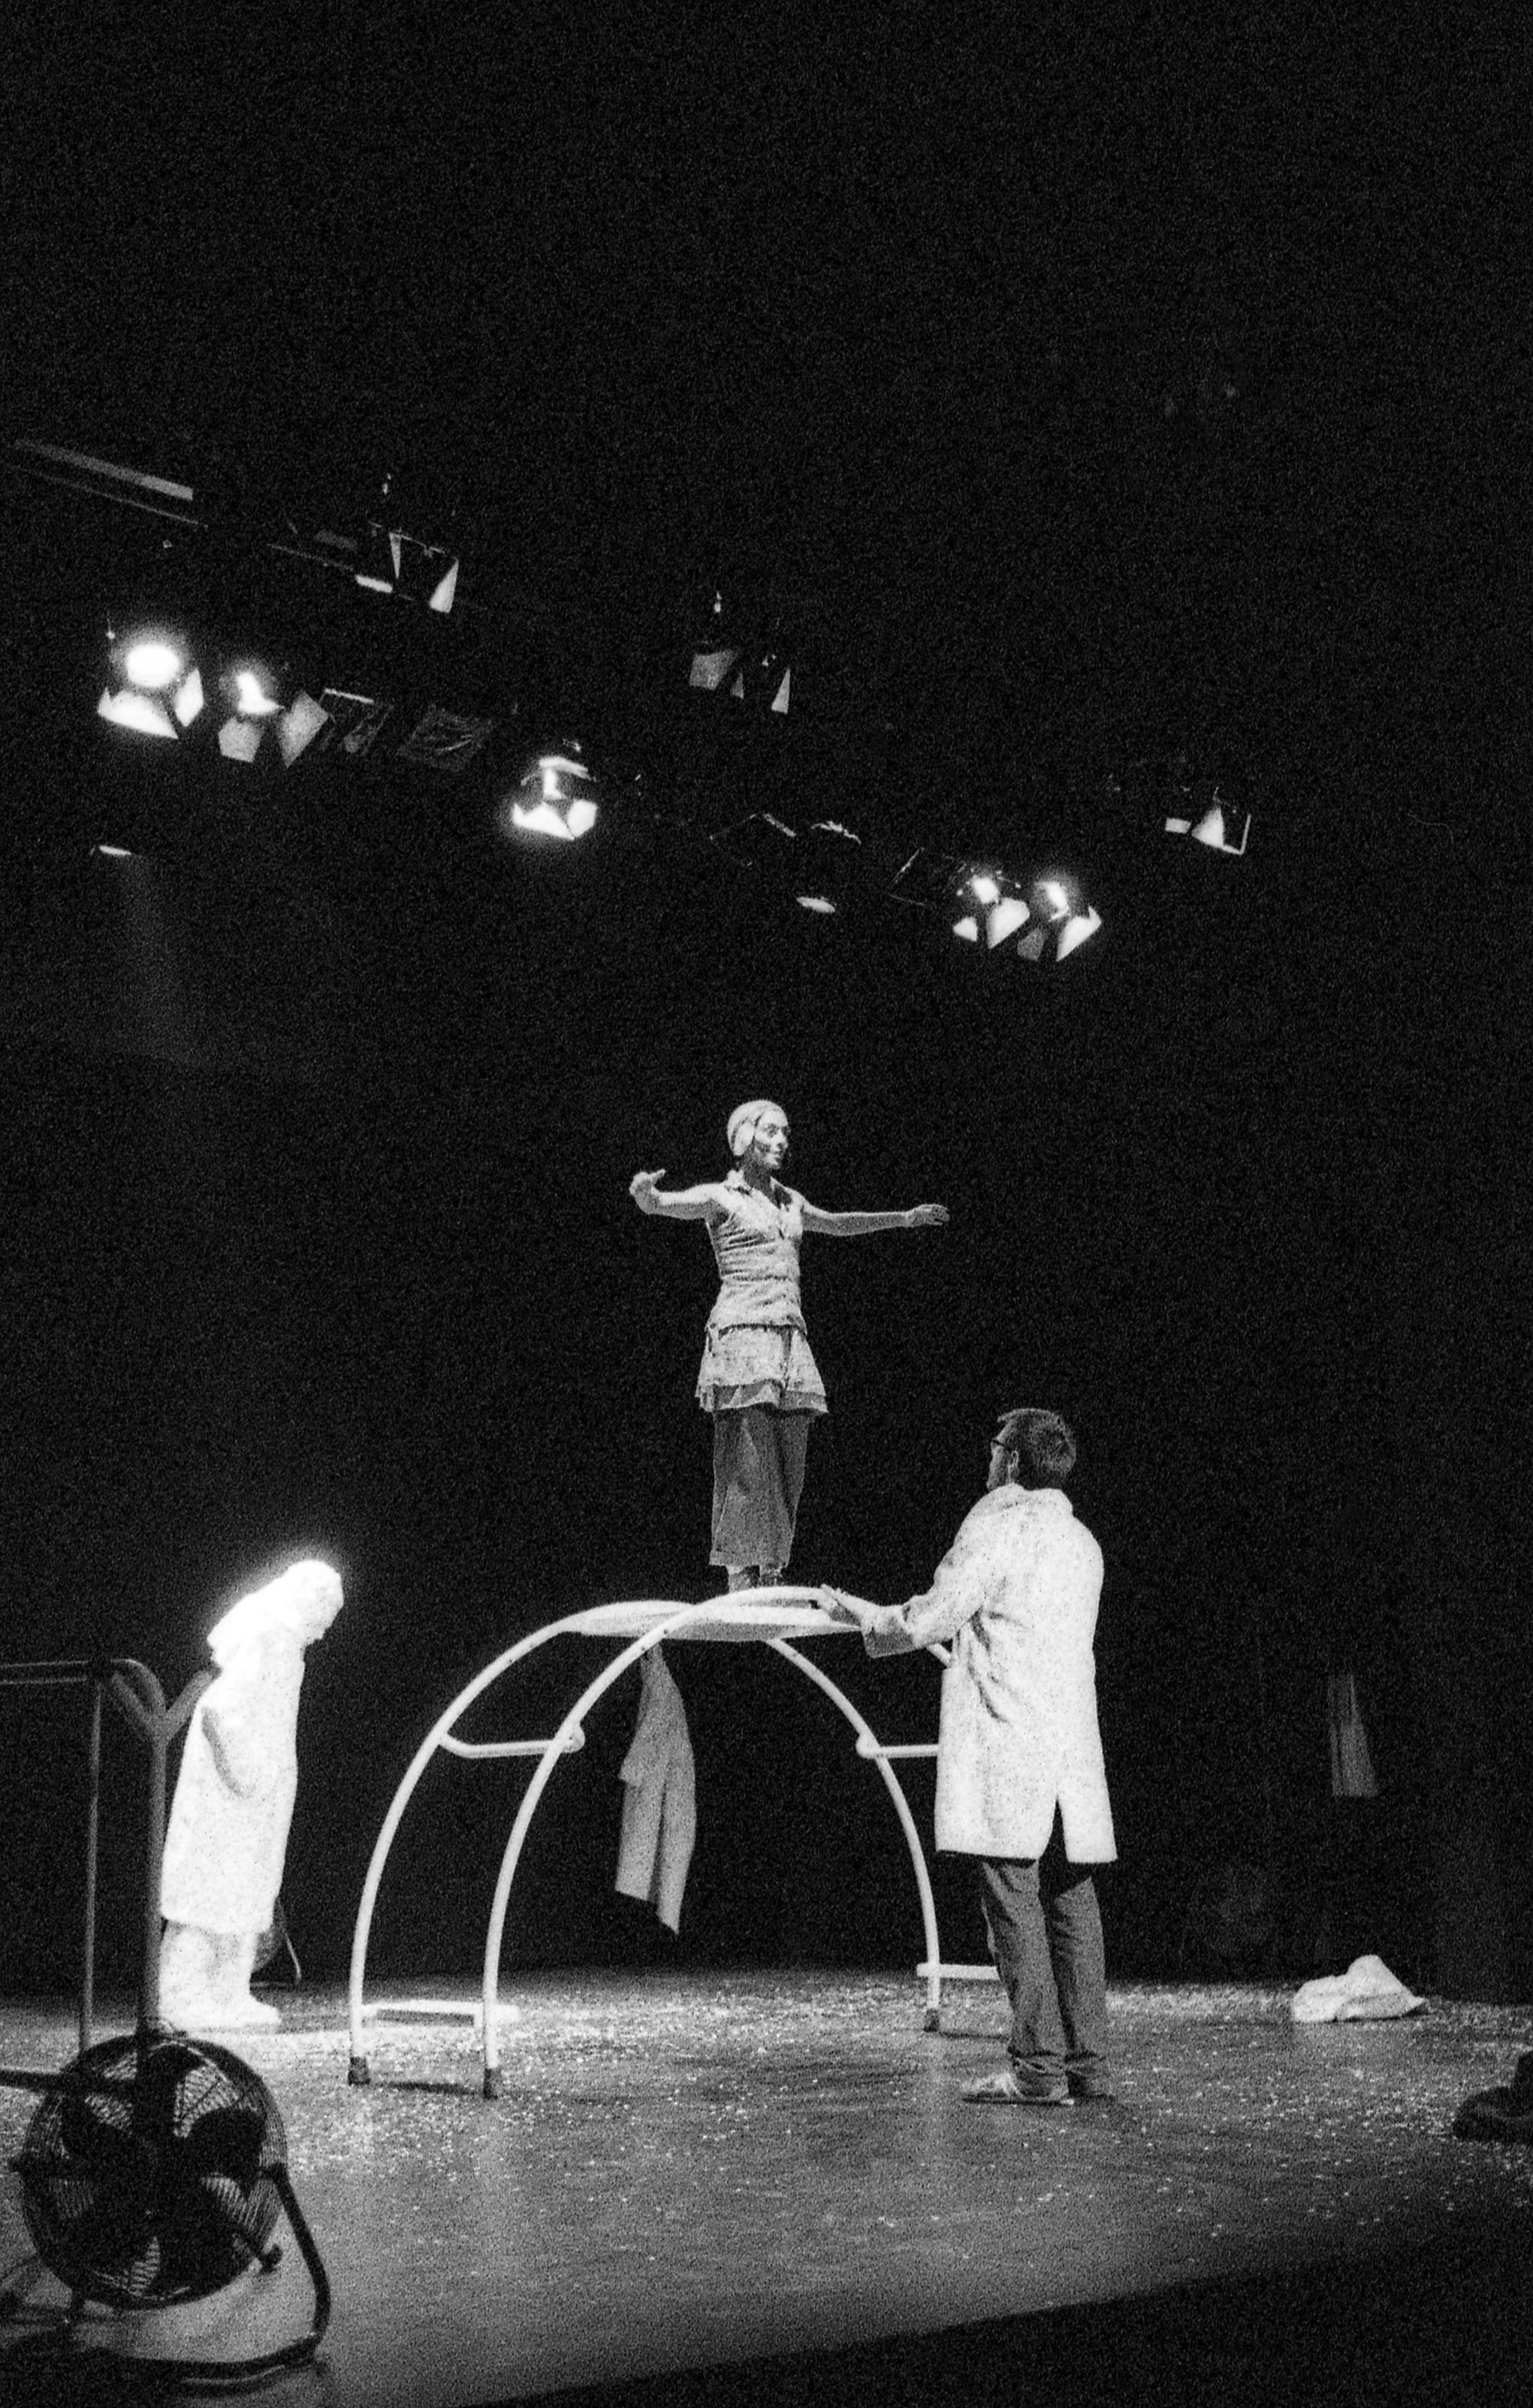 PUBLICADA 16.XII.16 Representació de _Refugiada poètica_, a càrrec de Claire Ducreux, al Festival Escena Poblenou, any 2014. Leica M6243